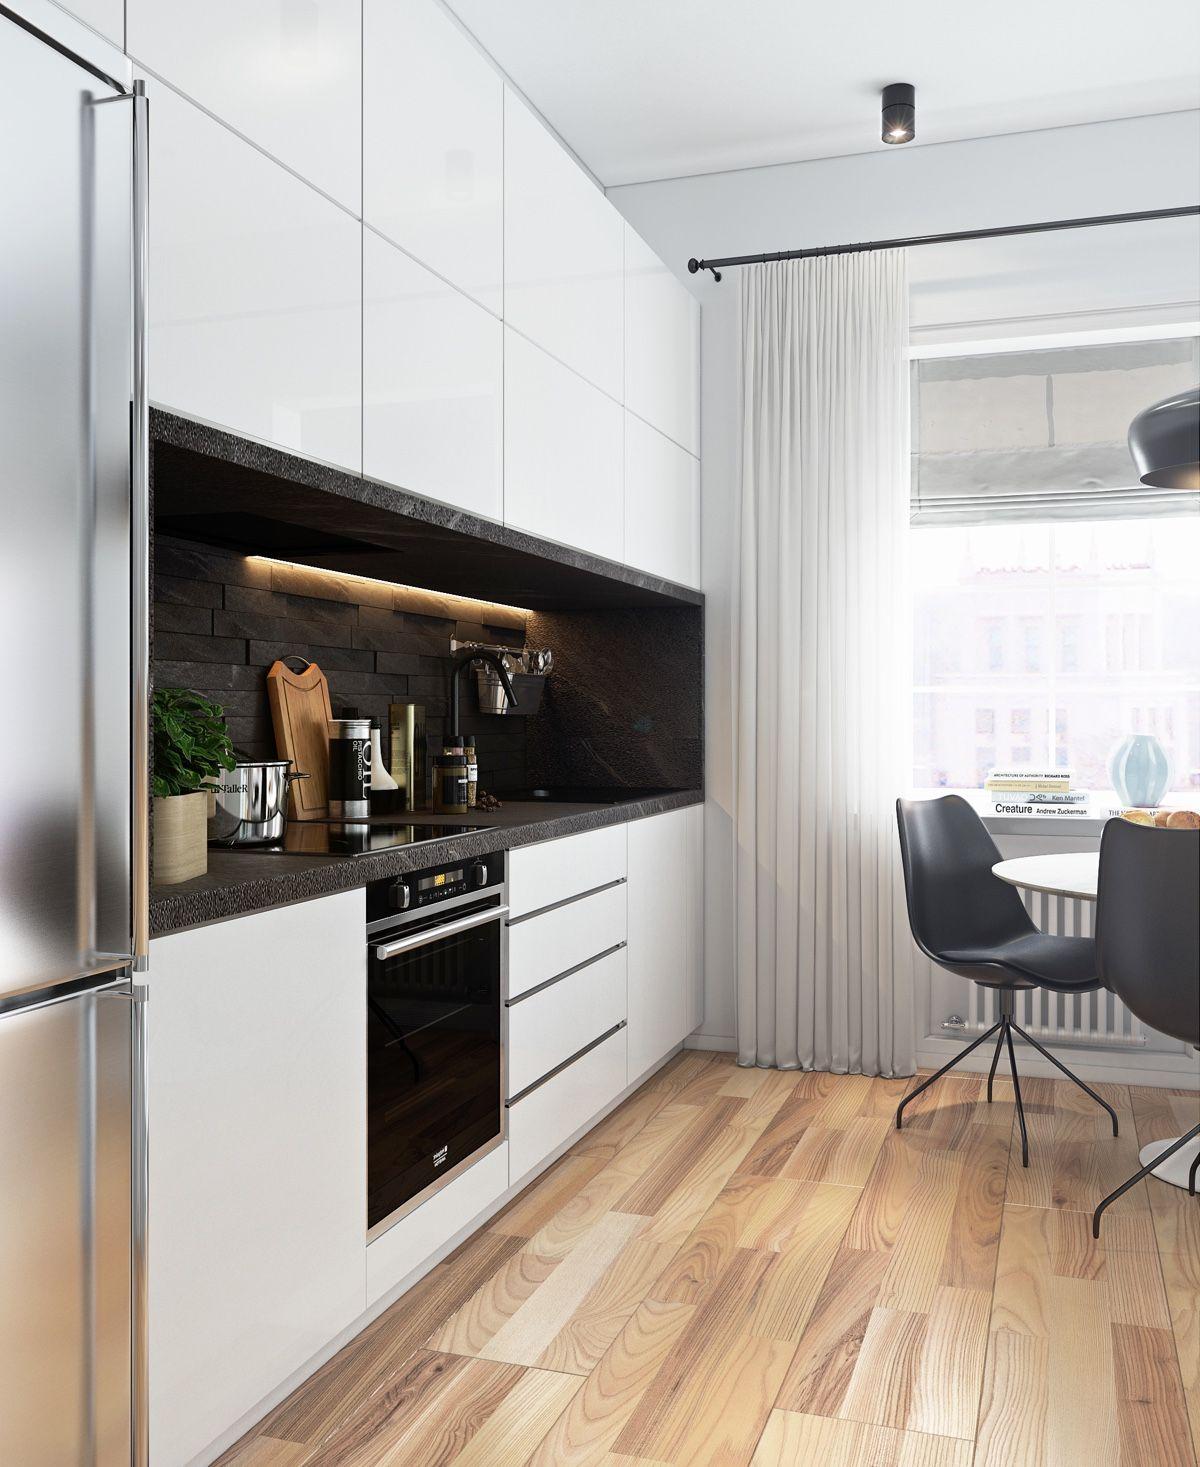 5 Beautiful Studio Apartments | Studio apartment, Apartments and Studio